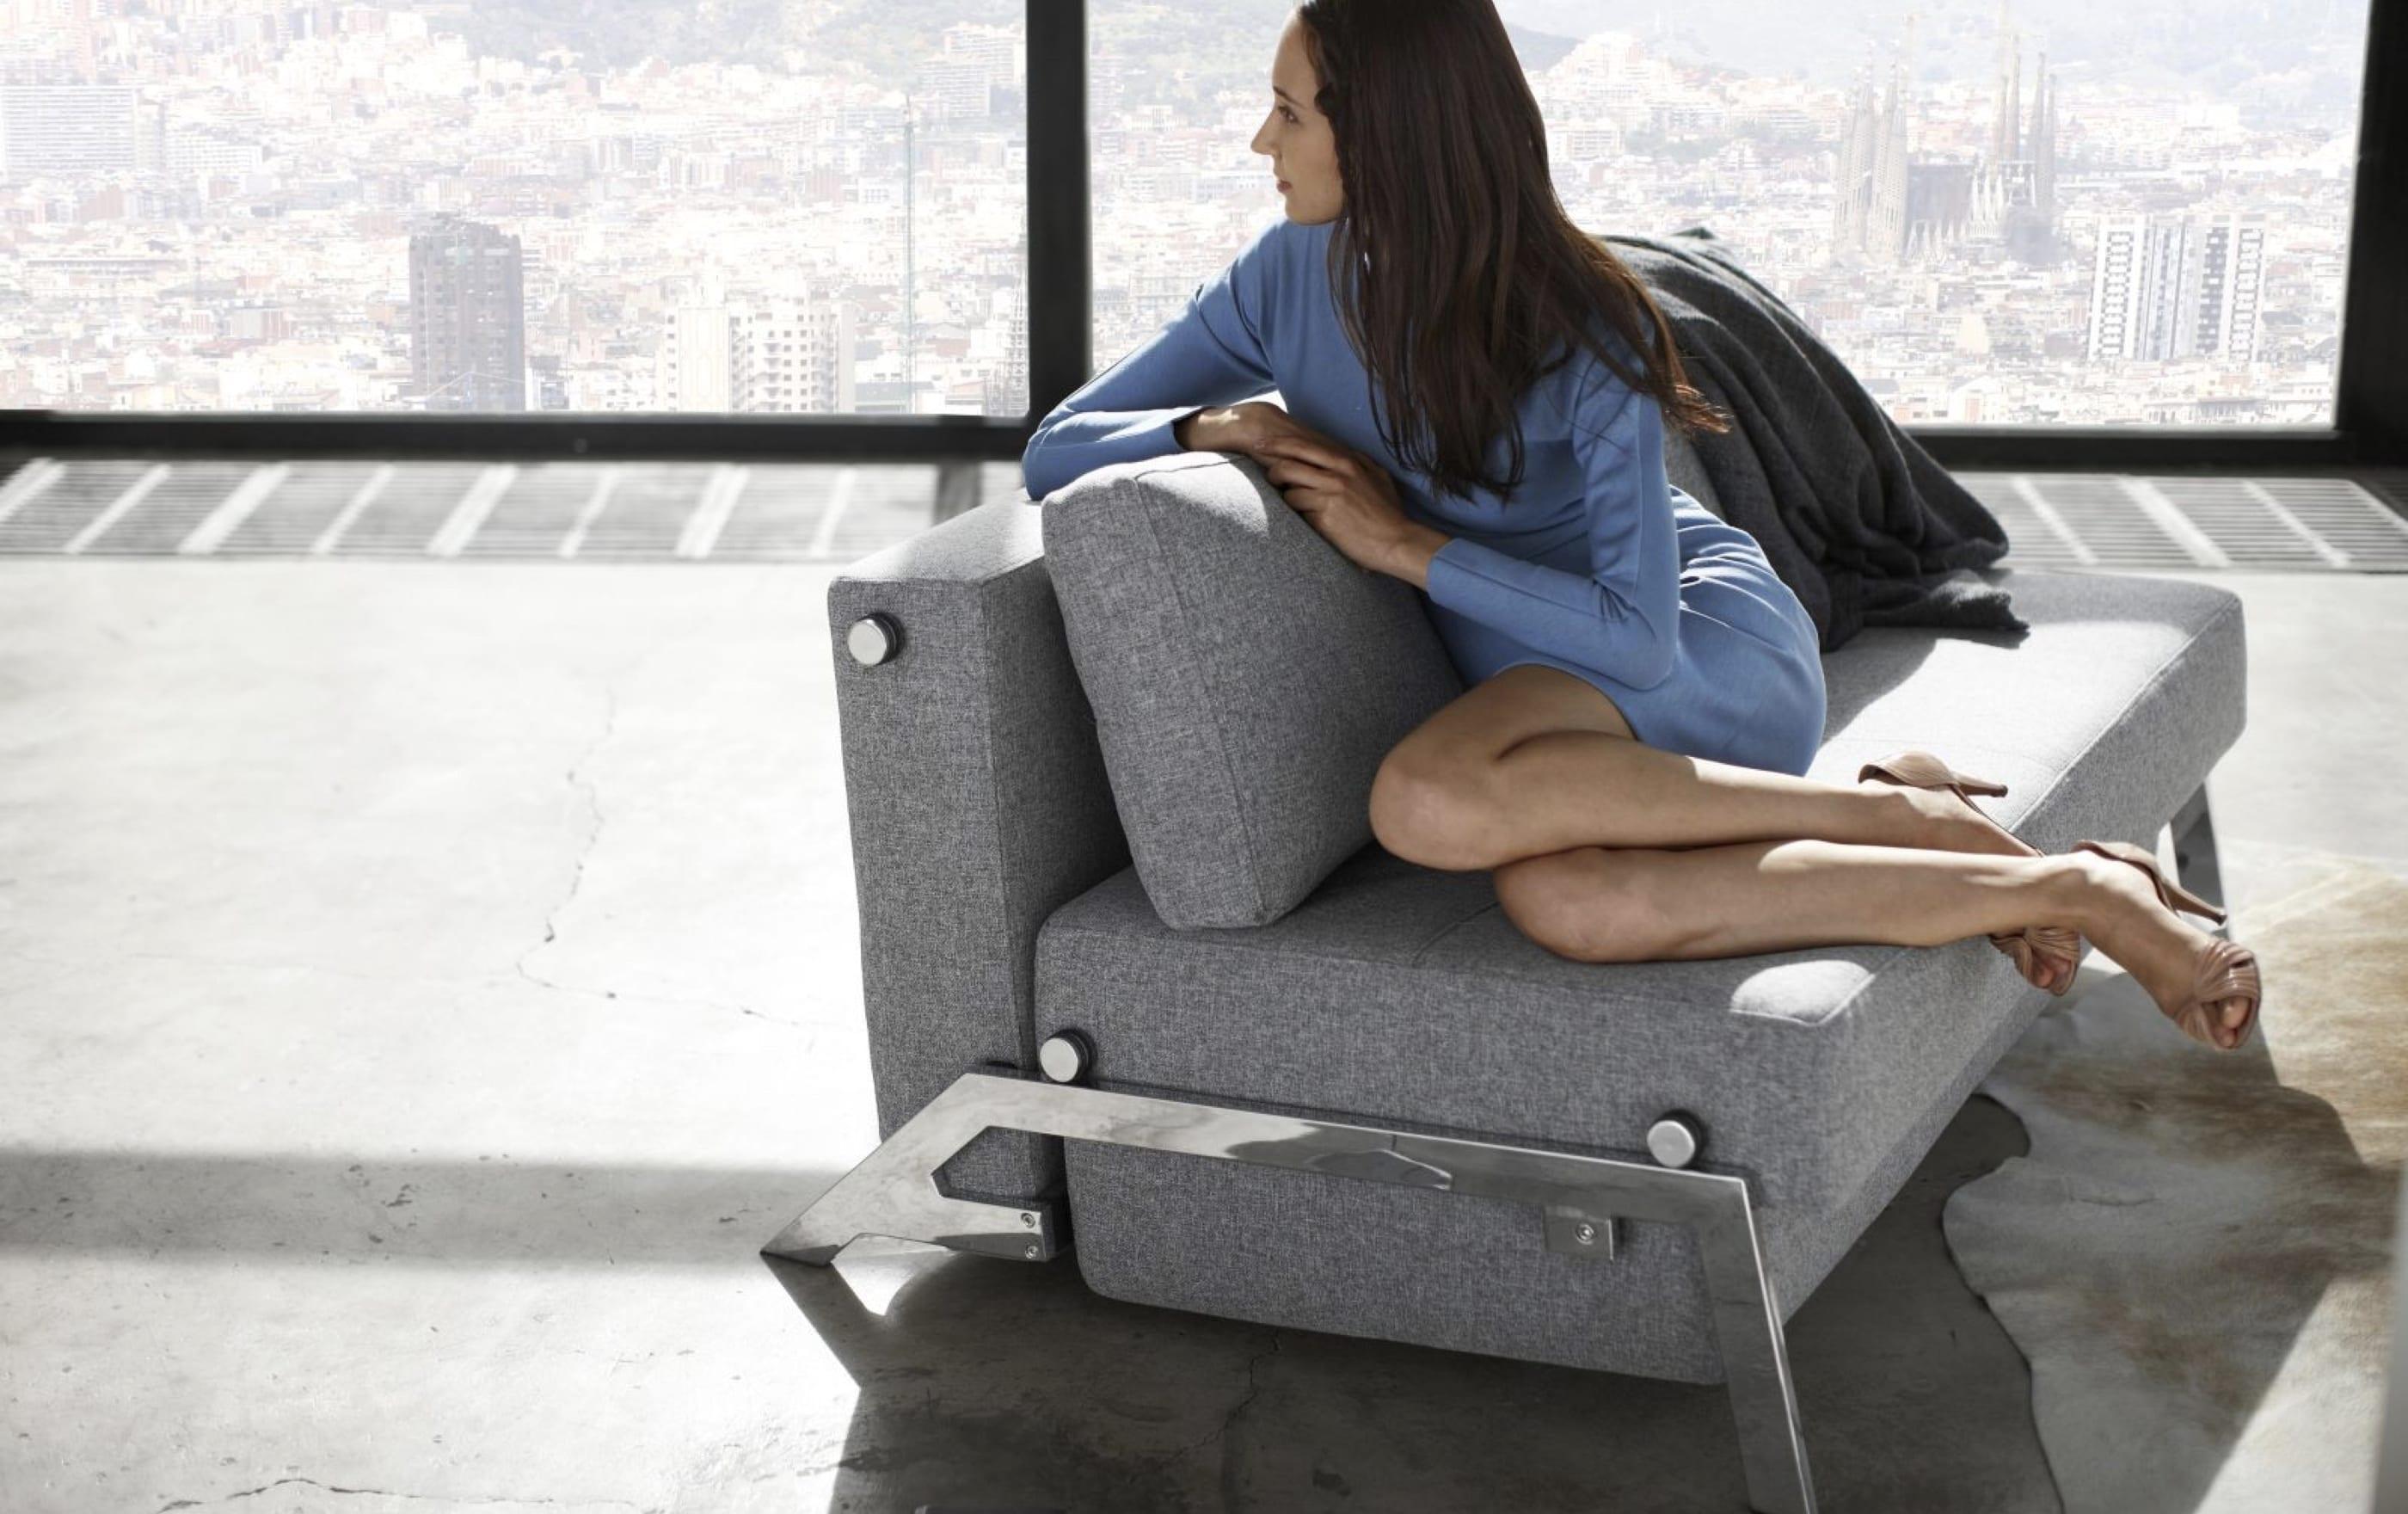 19_01_sofa and girl_Bedre Nætter magento website_by_basov_design_